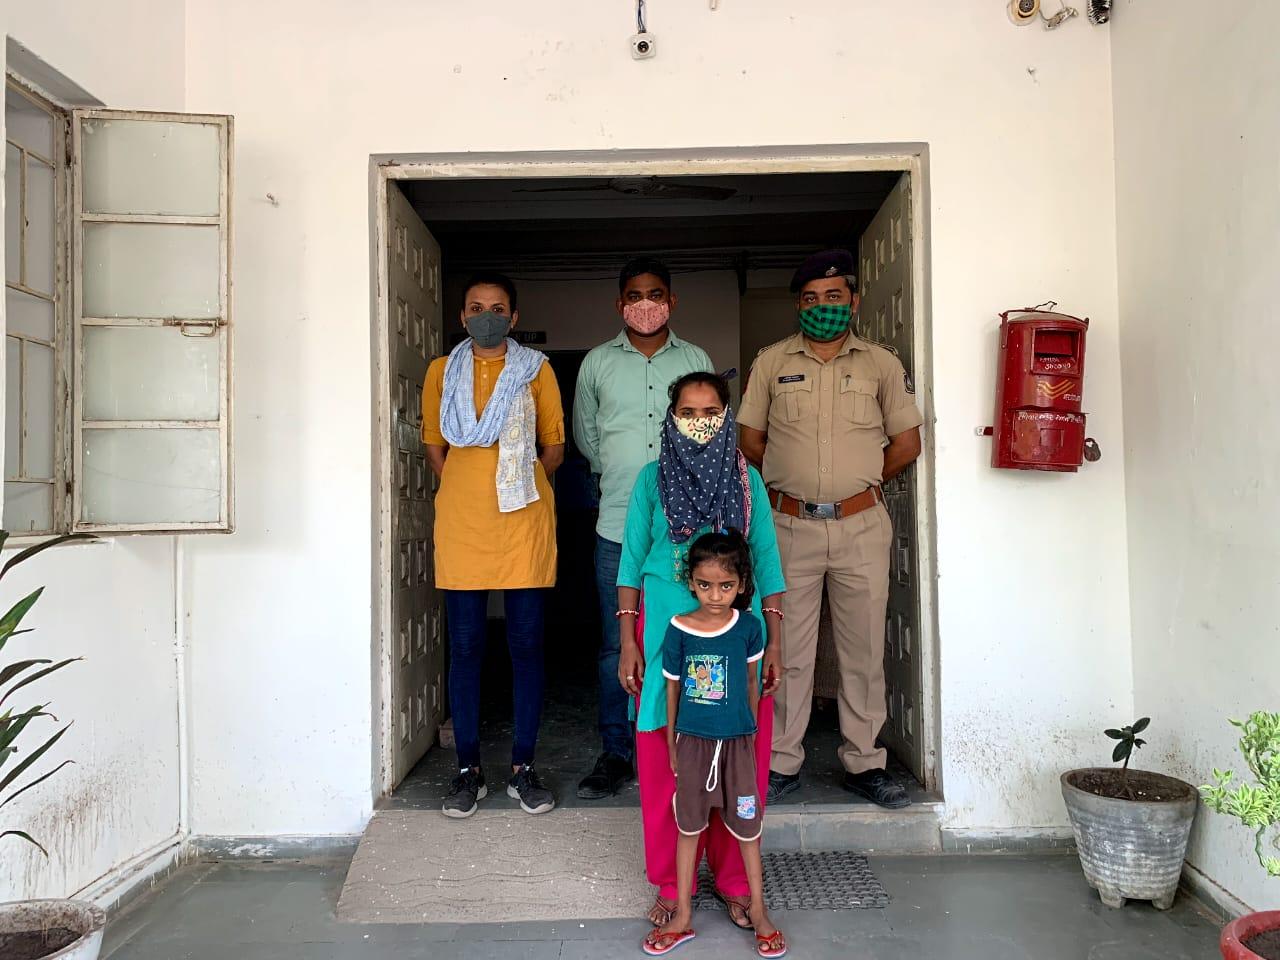 પાટડીના પાનવા ગામની પરિણીતાને ફેસબુક લવ થતાં પુત્રને લઇ પ્રેમી પાસે ખેરાલુ પહોંચી, ચાર મહિને પોલીસે પકડી પતિને સોંપી સુરેન્દ્રનગર,Surendranagar - Divya Bhaskar